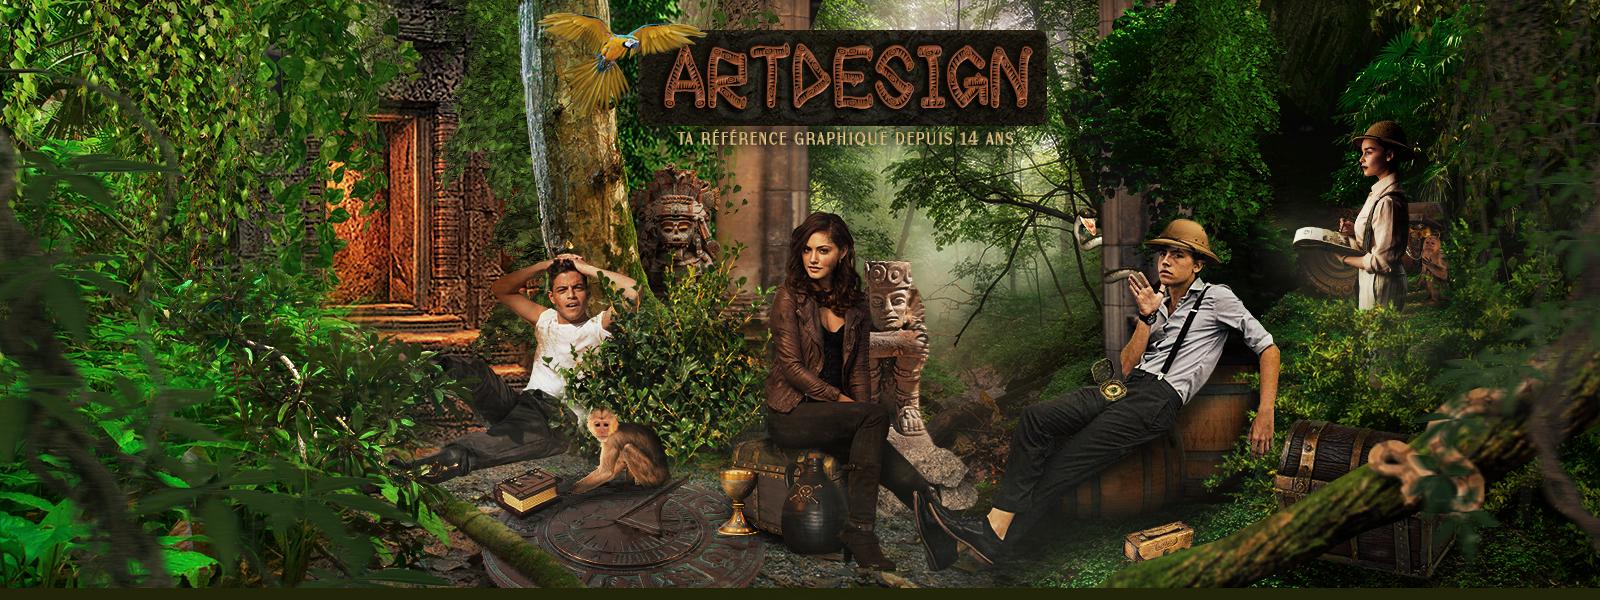 Art-Design 200714121643961509